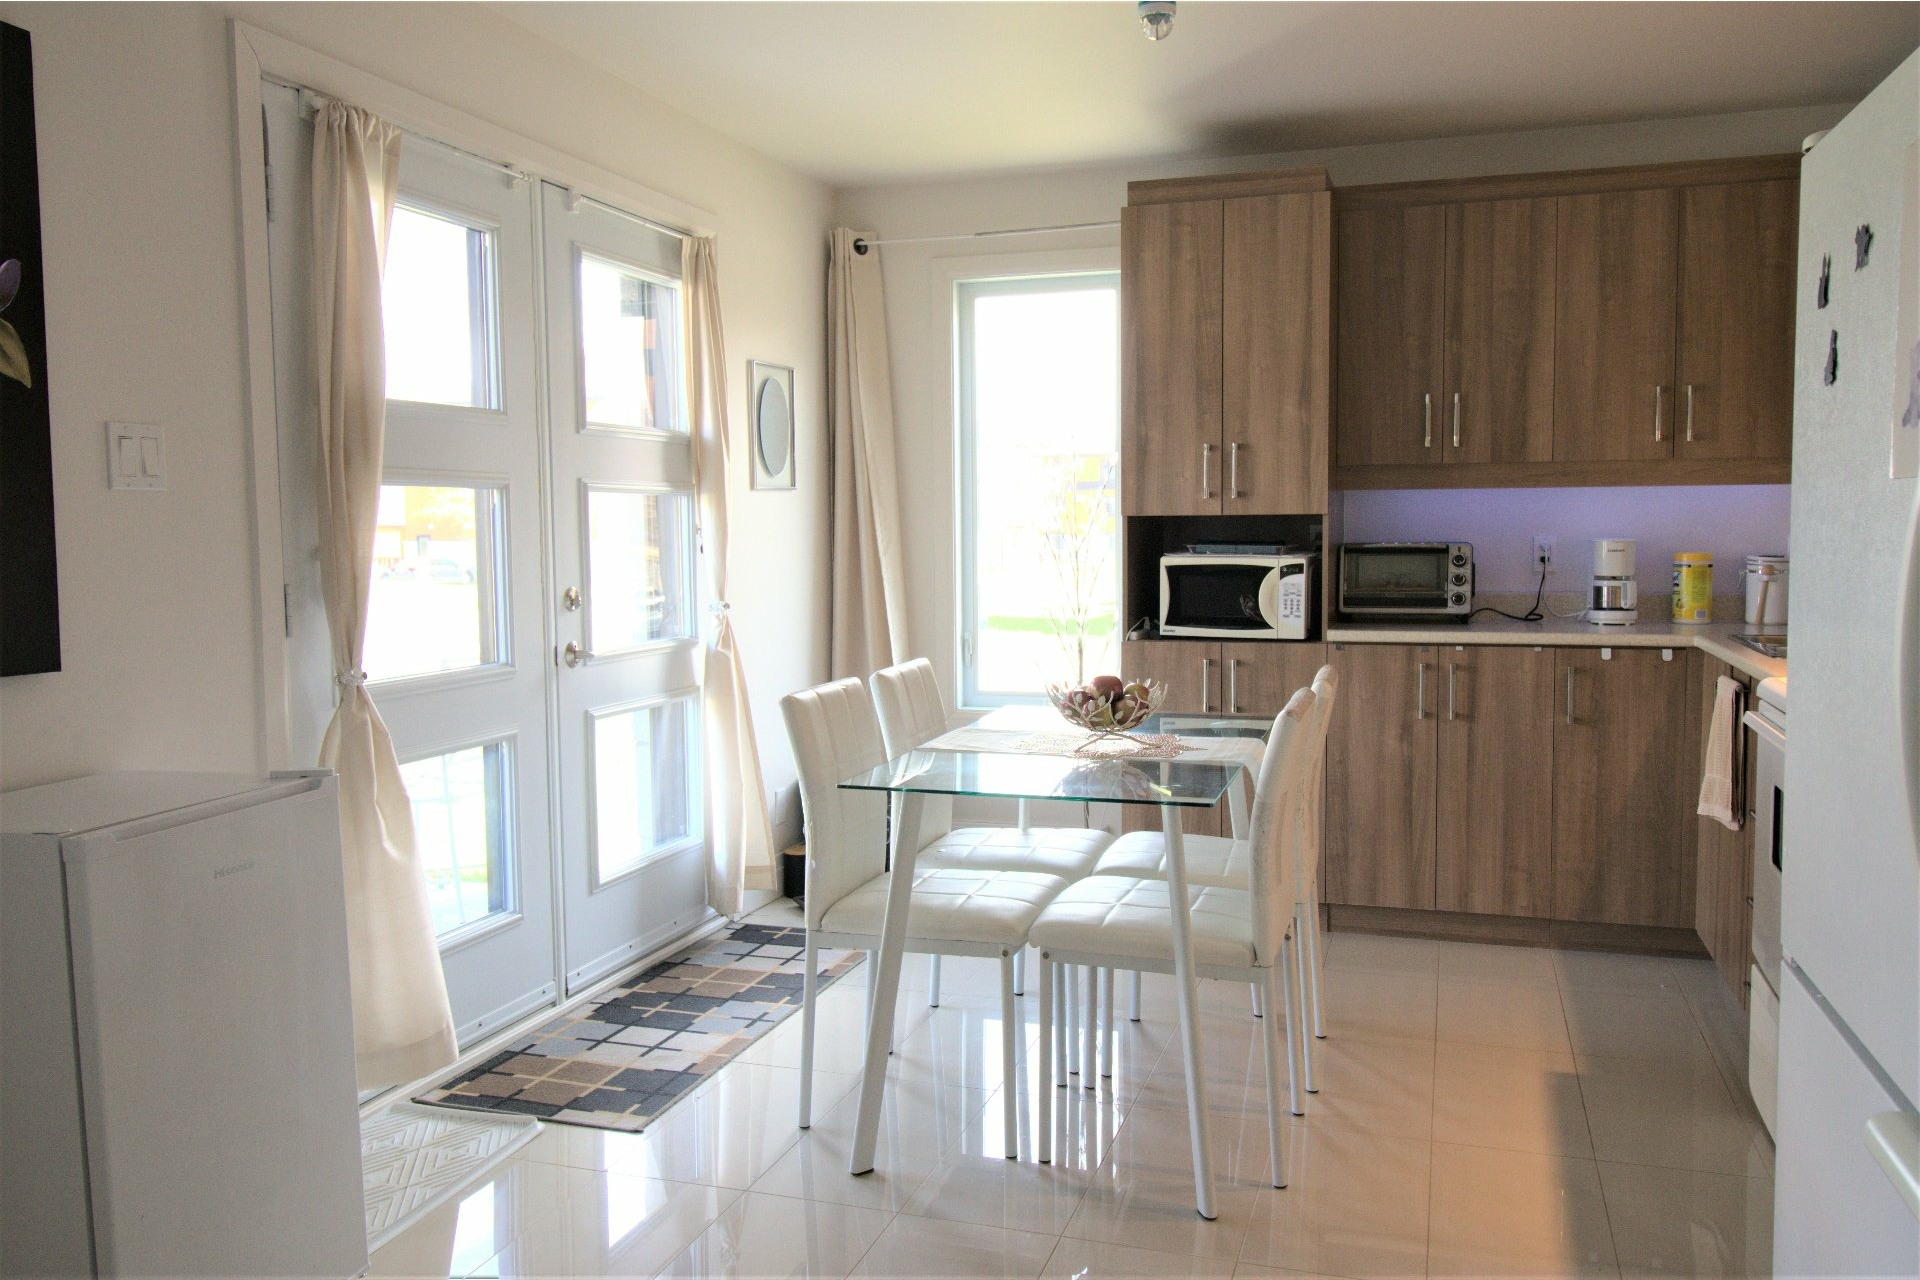 image 3 - Appartement À vendre Trois-Rivières - 5 pièces